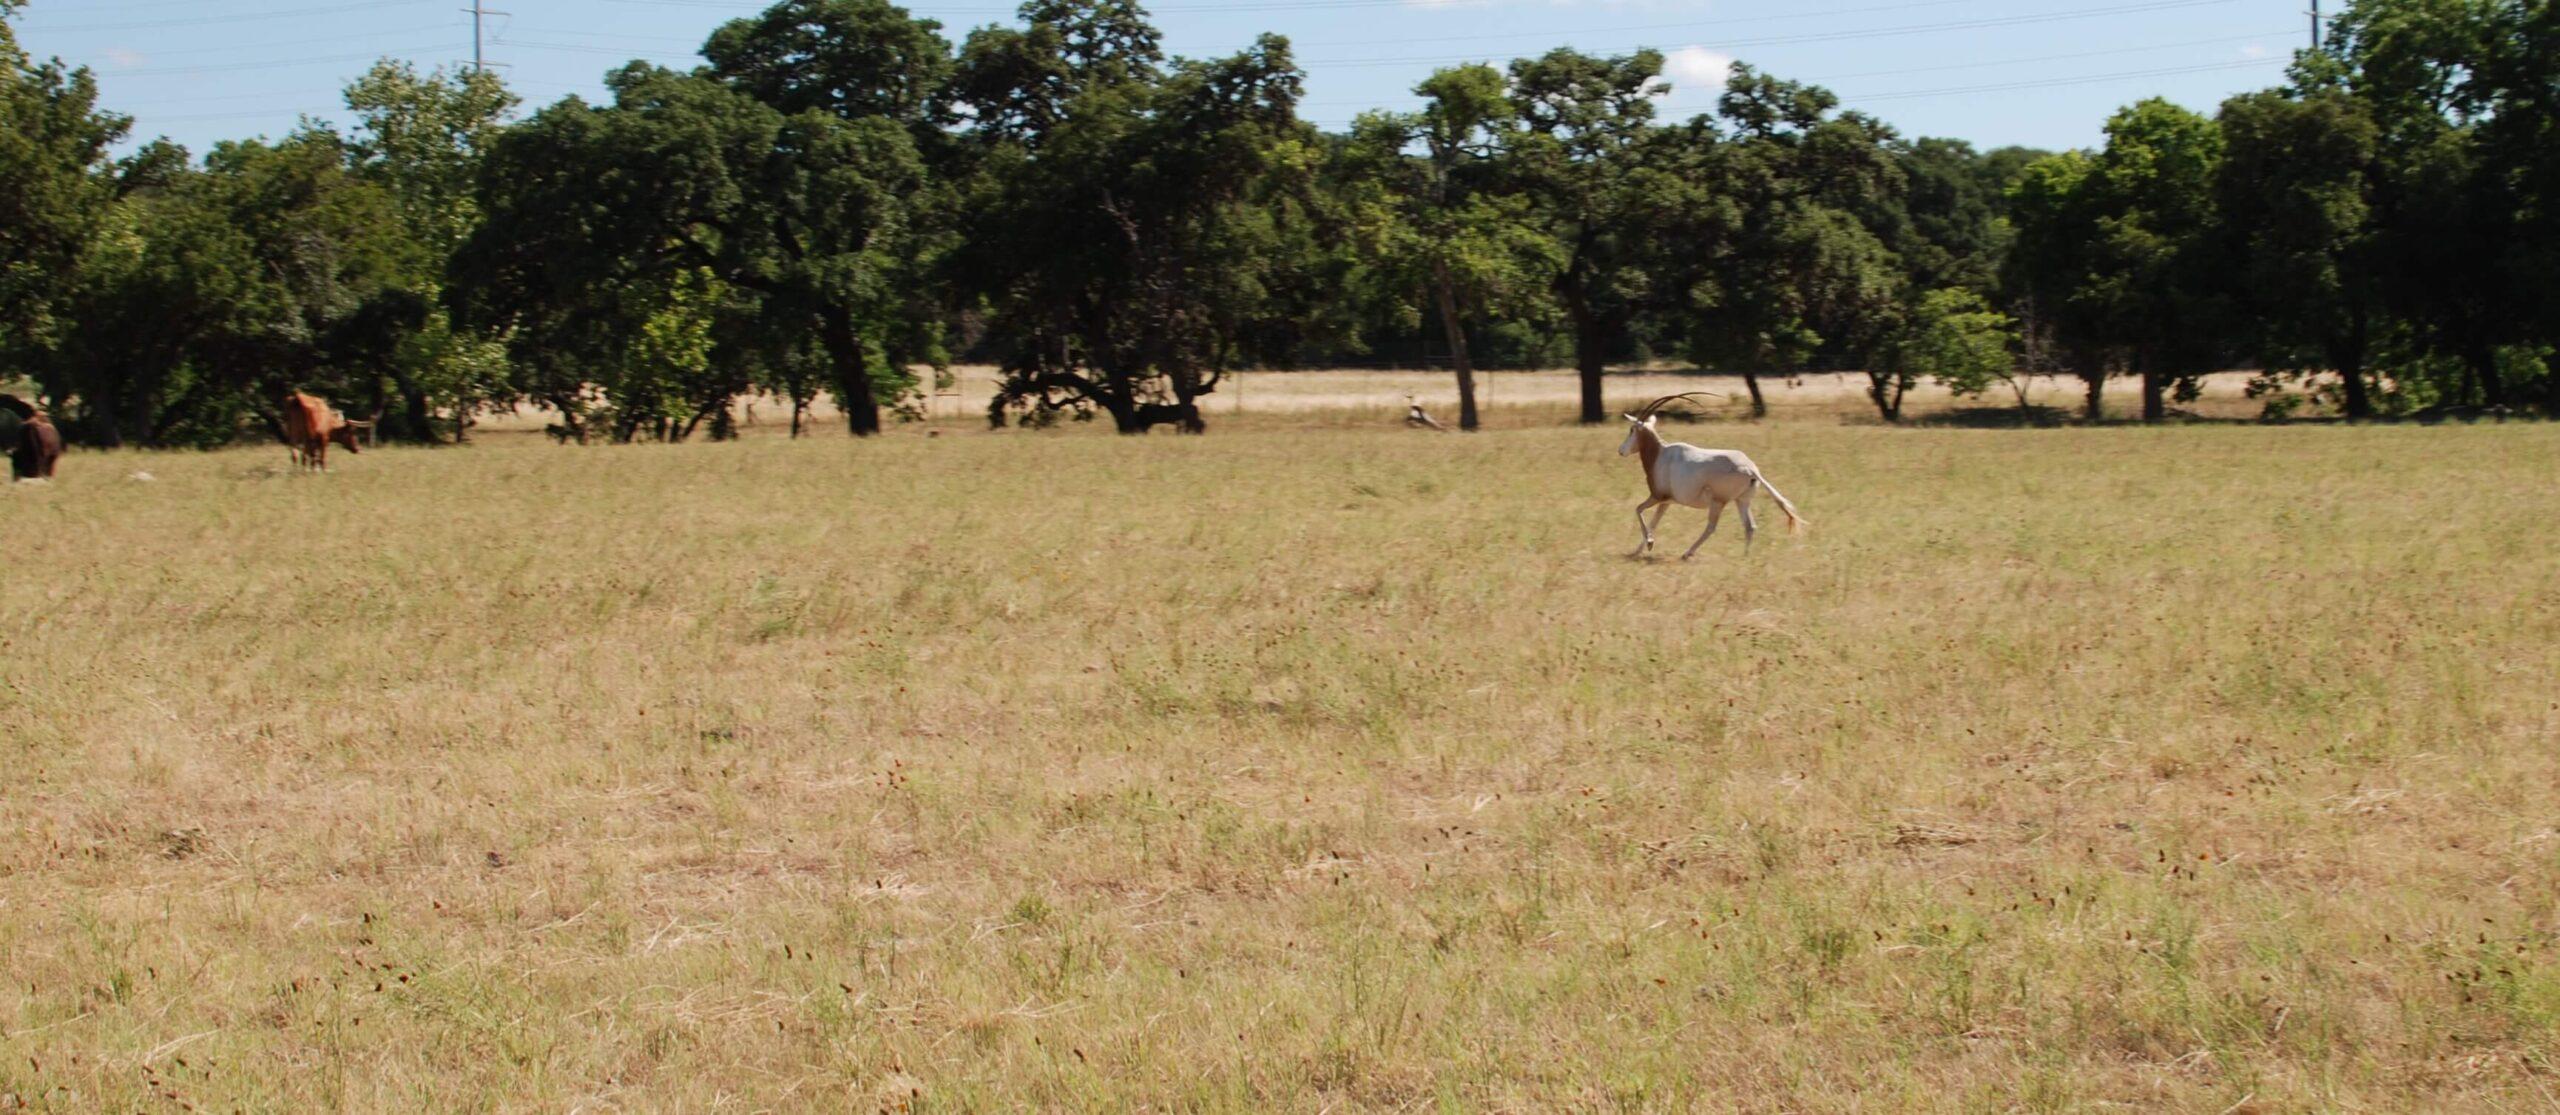 Oryx at Enchanted Springs Ranch